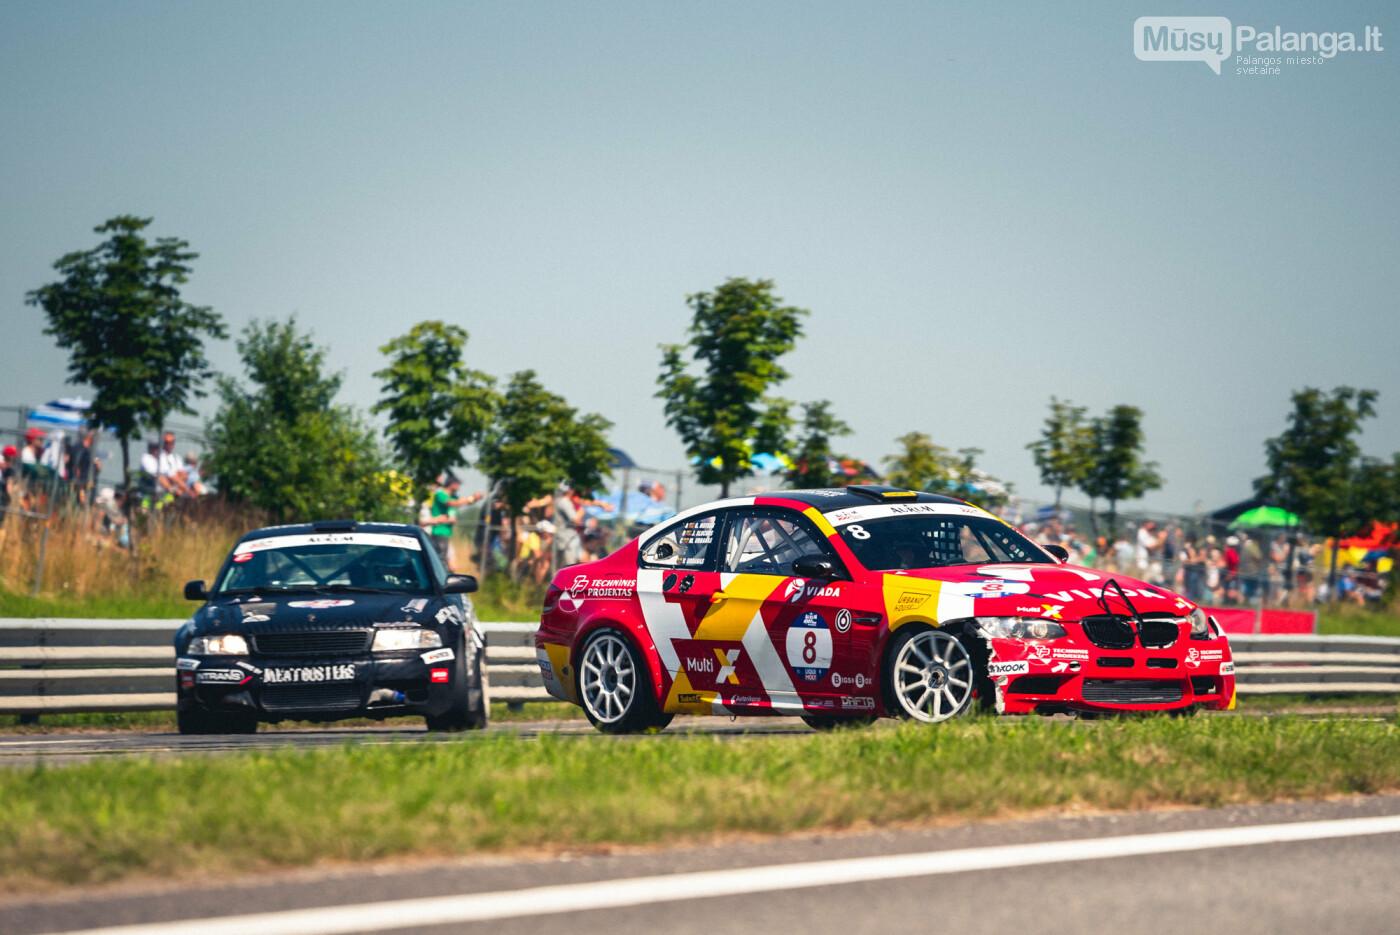 """Įpusėjo """"Aurum 1006 km lenktynės"""", nuotrauka-6, Vytauto PILKAUSKO ir Arno STRUMILOS nuotr."""